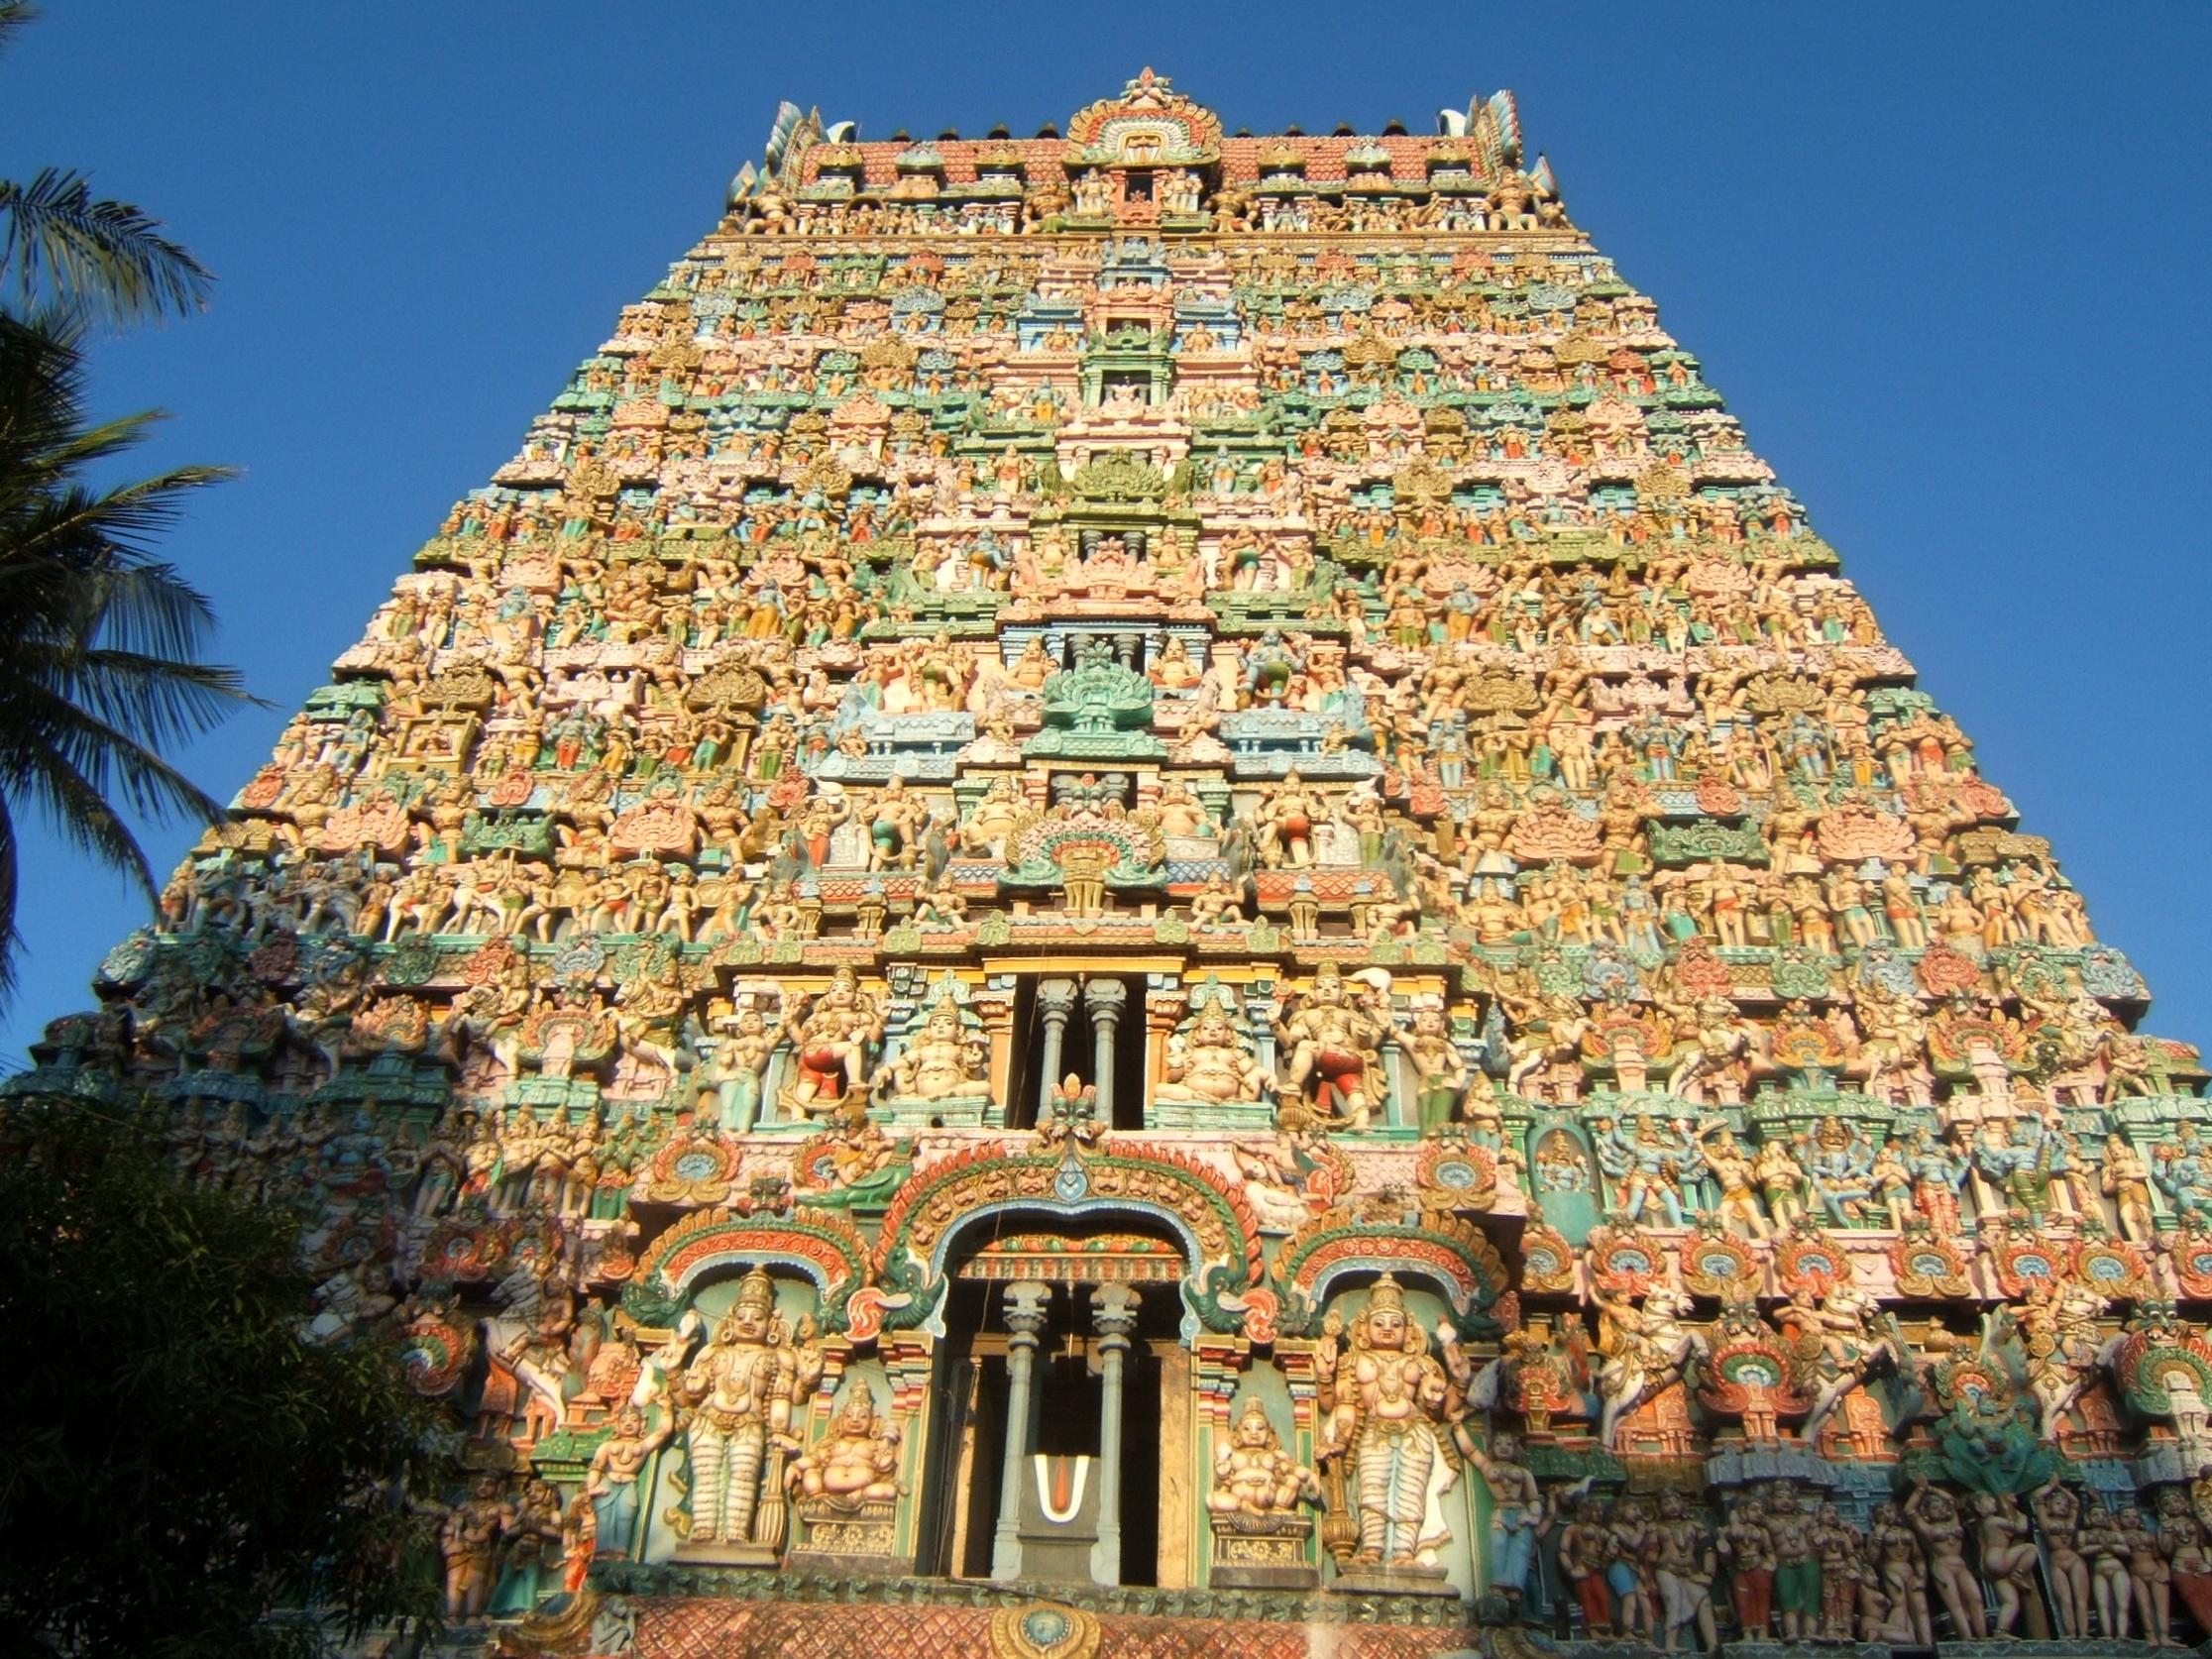 Файл:Sarangapani Vishnu temple Kumbakonam.JPG — Википедия